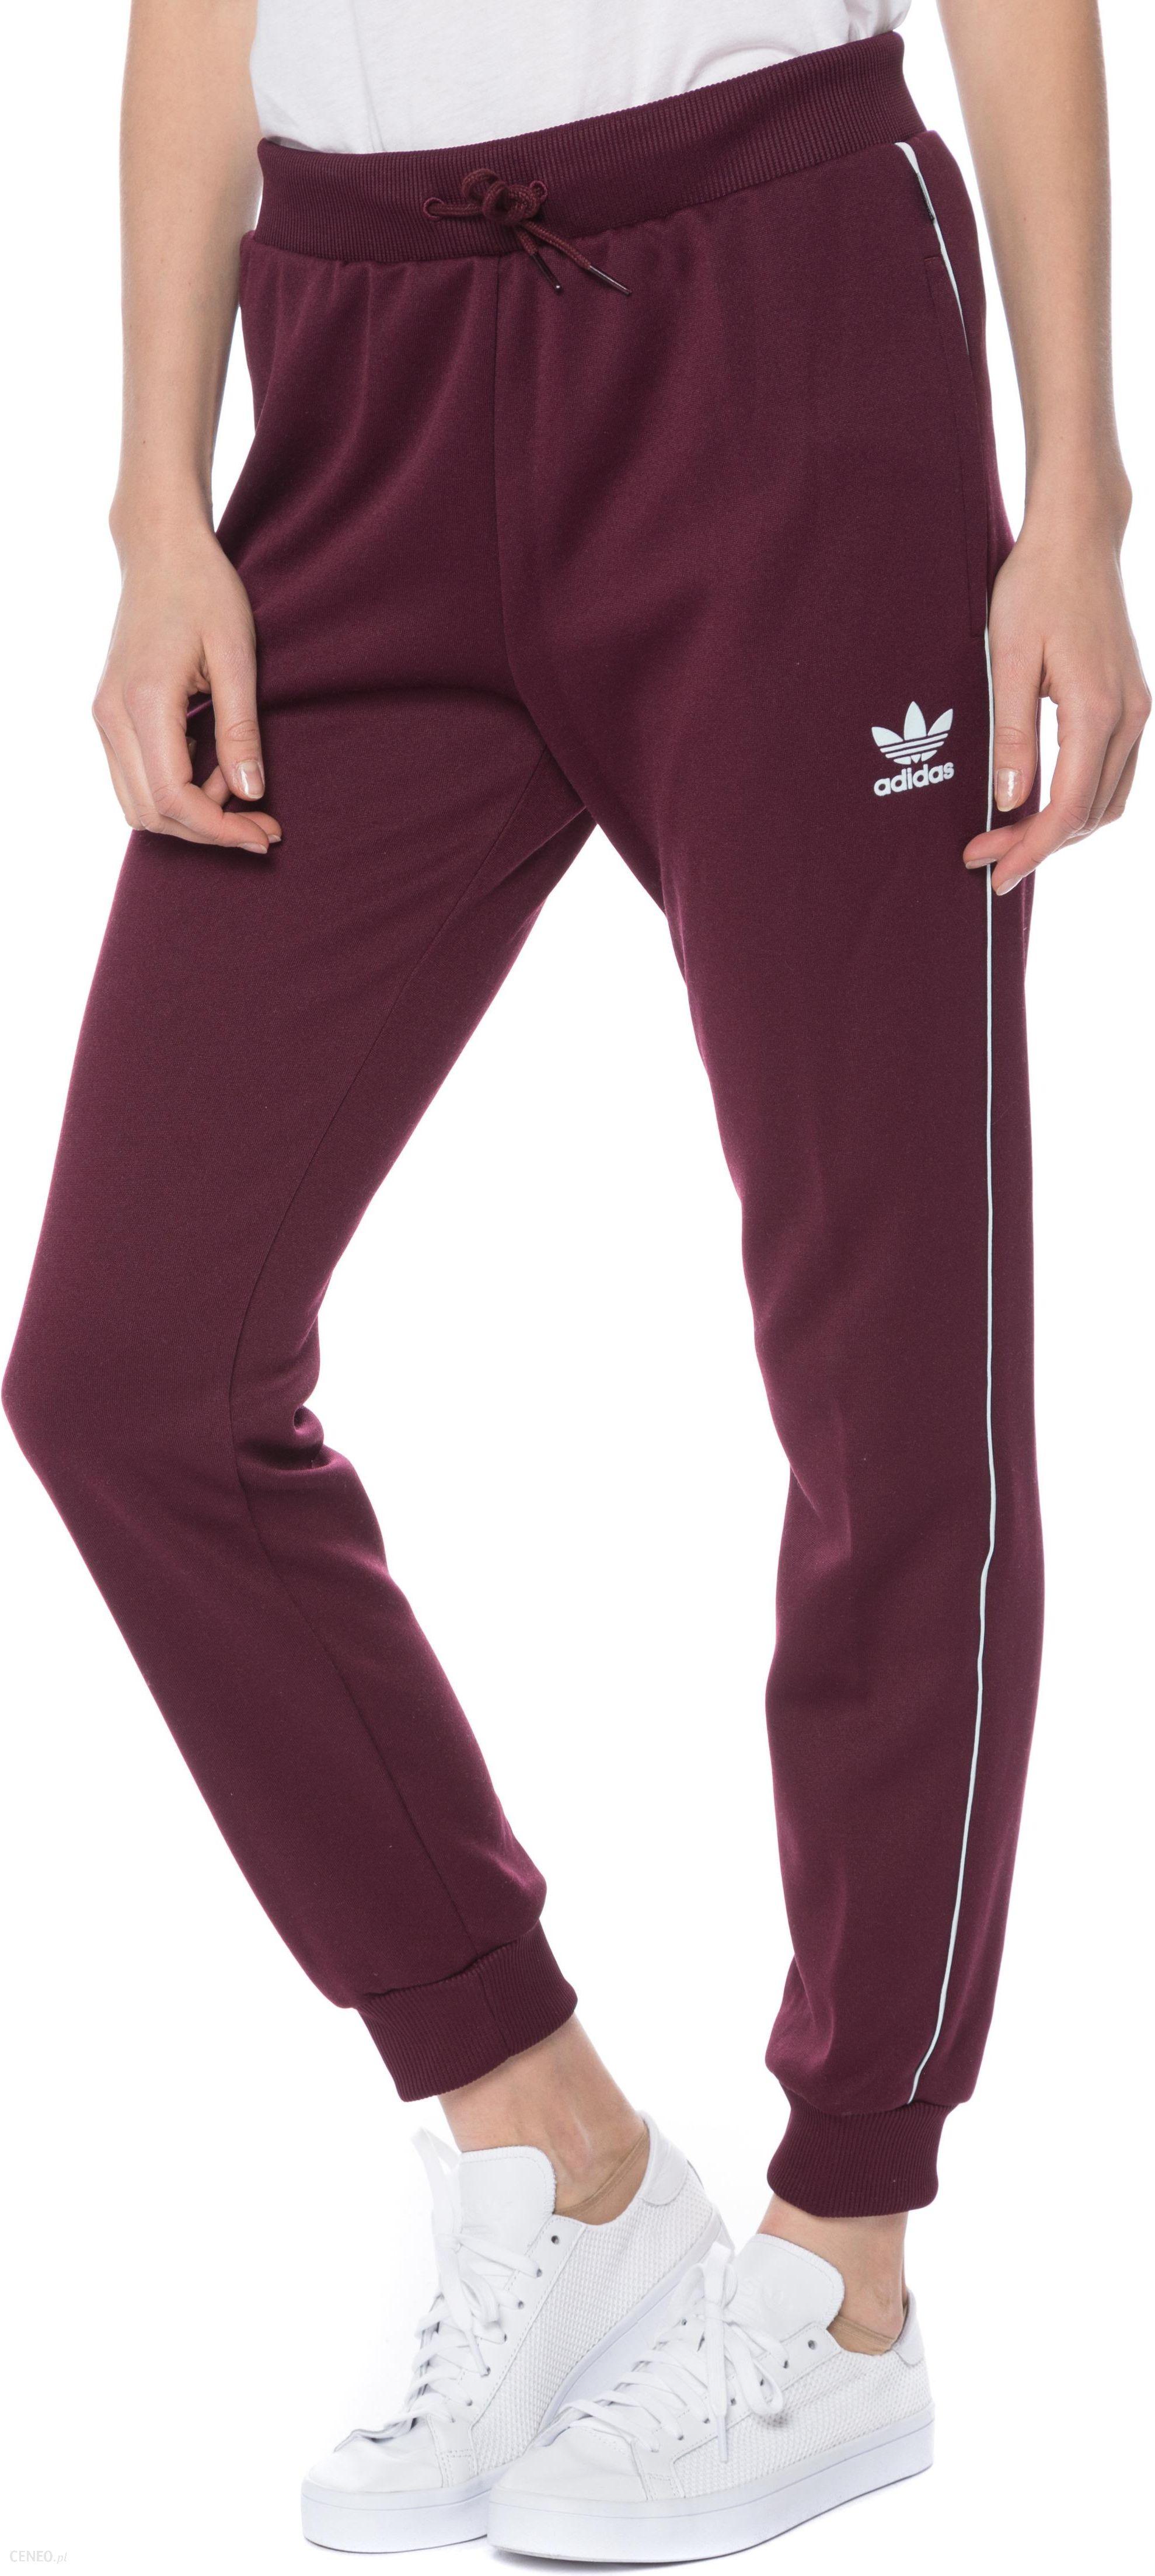 adidas Originals New York Spodnie dresowe Czerwony 34